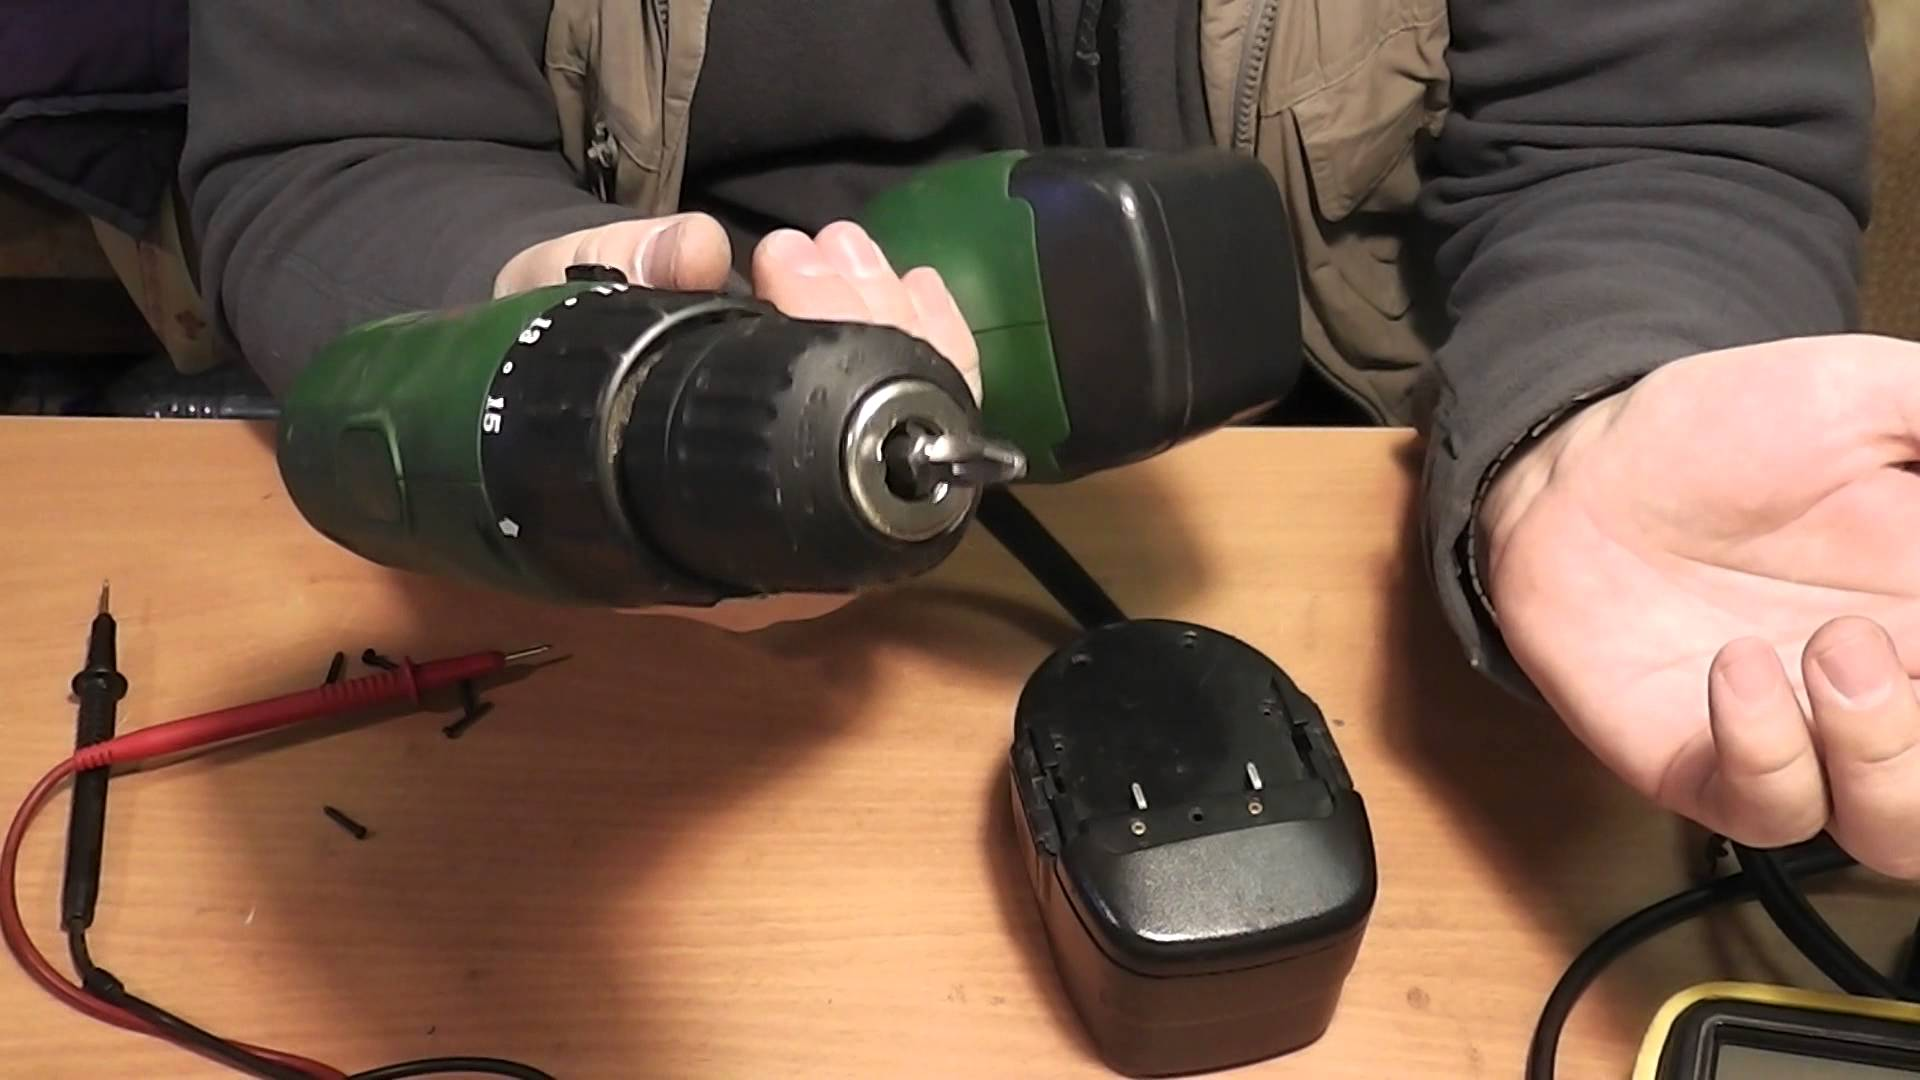 Невозможность зарядить батарею — это вовсе не приговор для электроинструмента, ведь при желании все можно починить